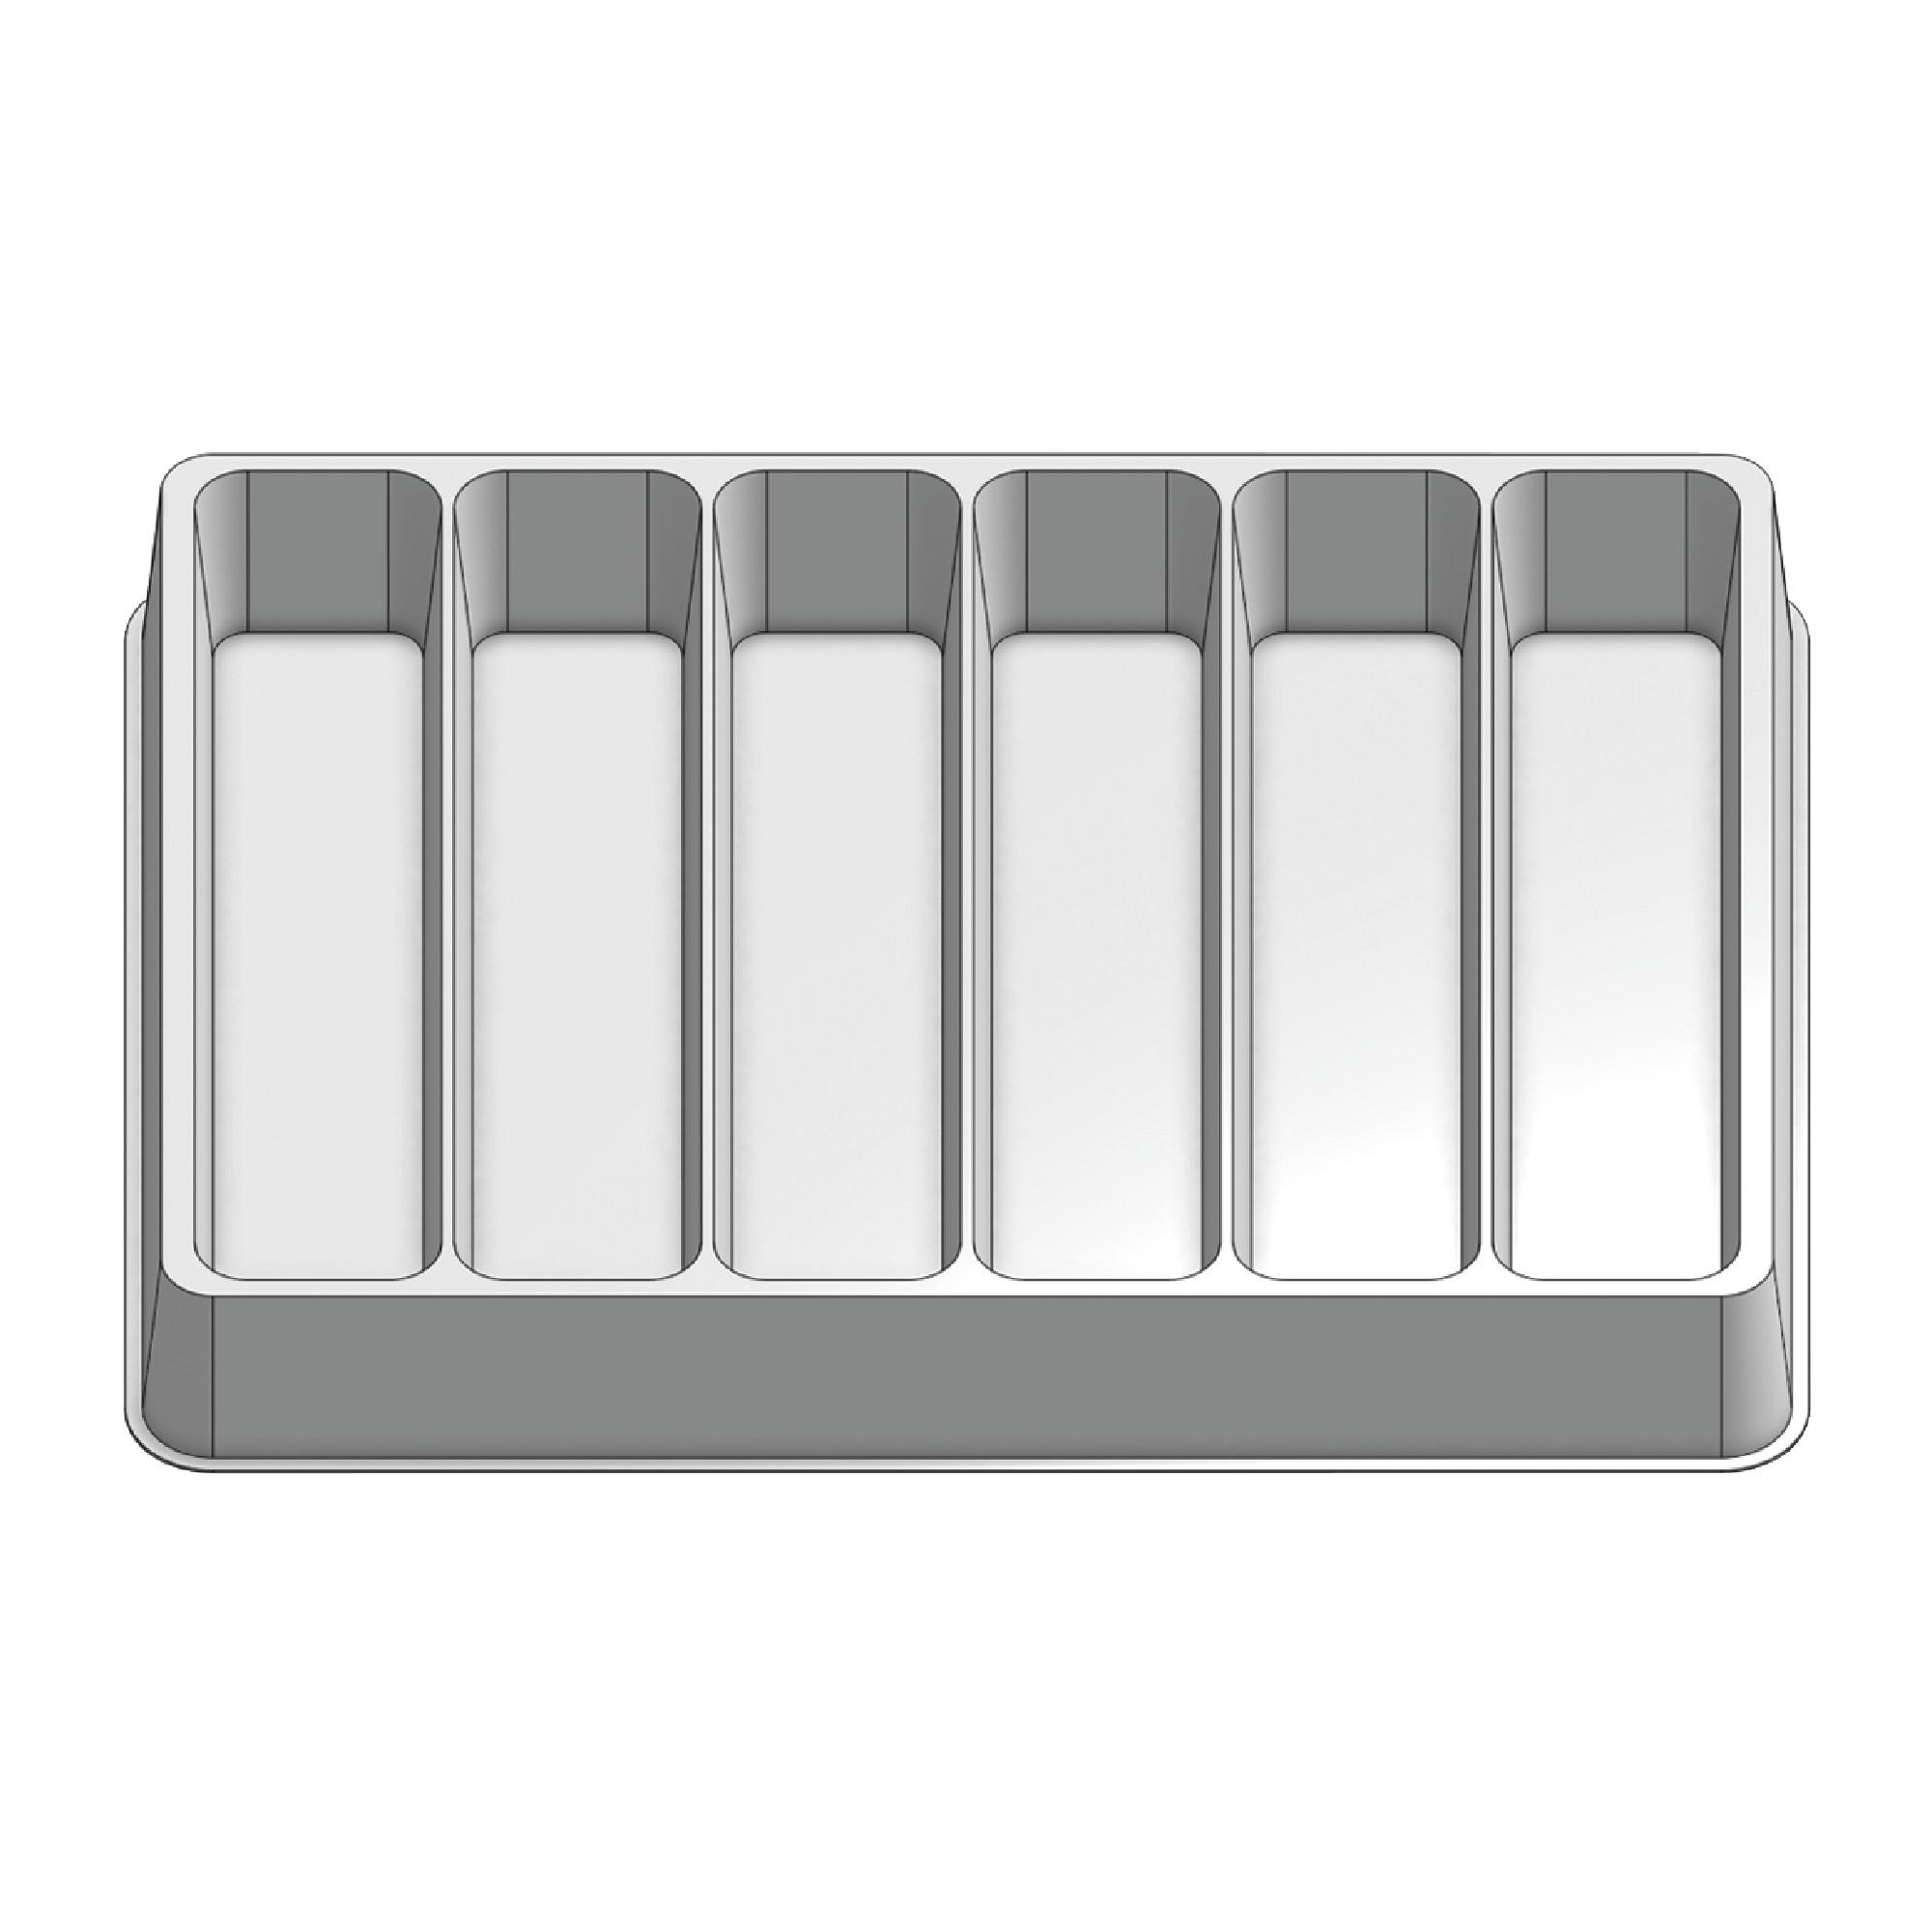 6 Pocket Stock Plastic Tray